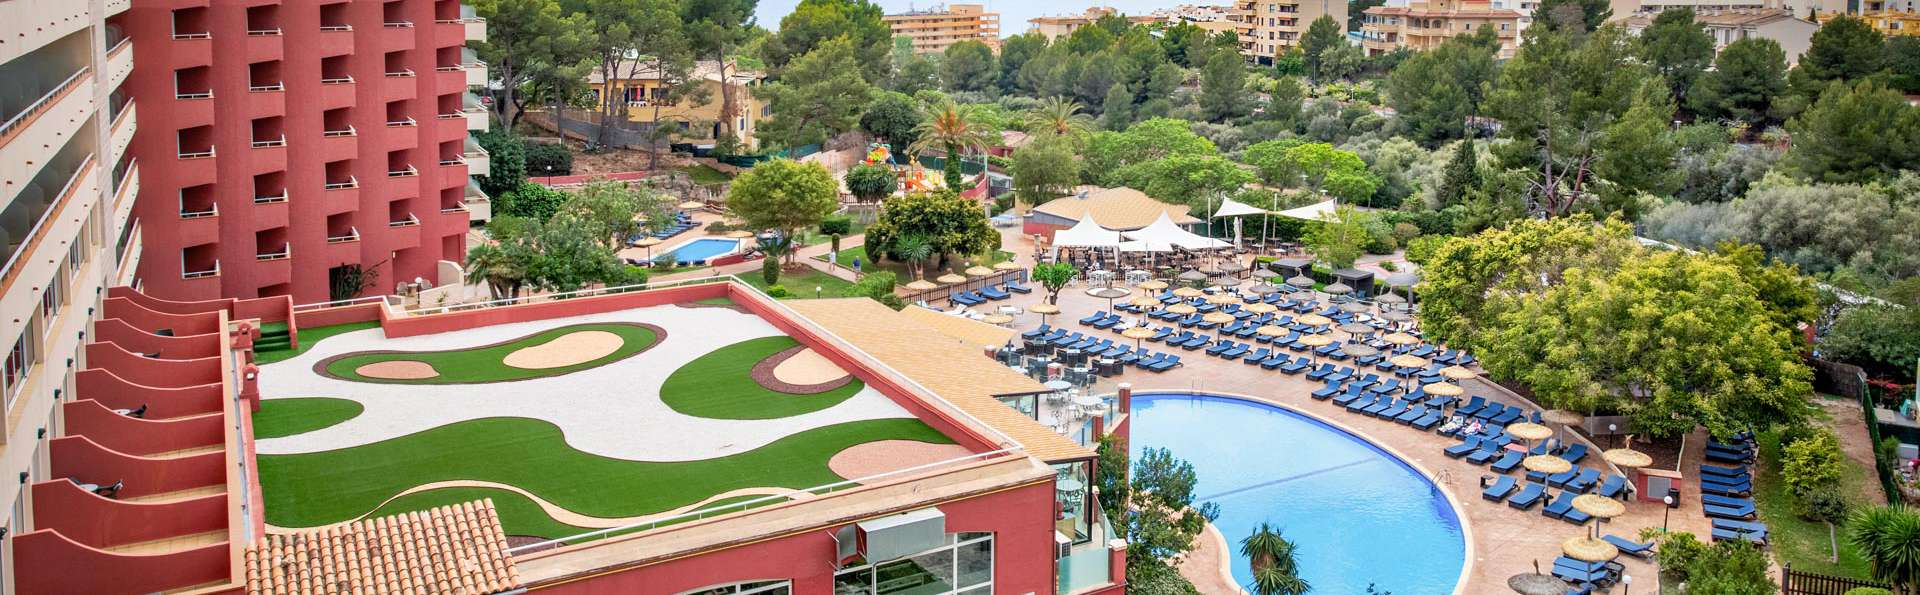 Sallés Hotel Marina Portals - EDIT_AERIAL_01.jpg